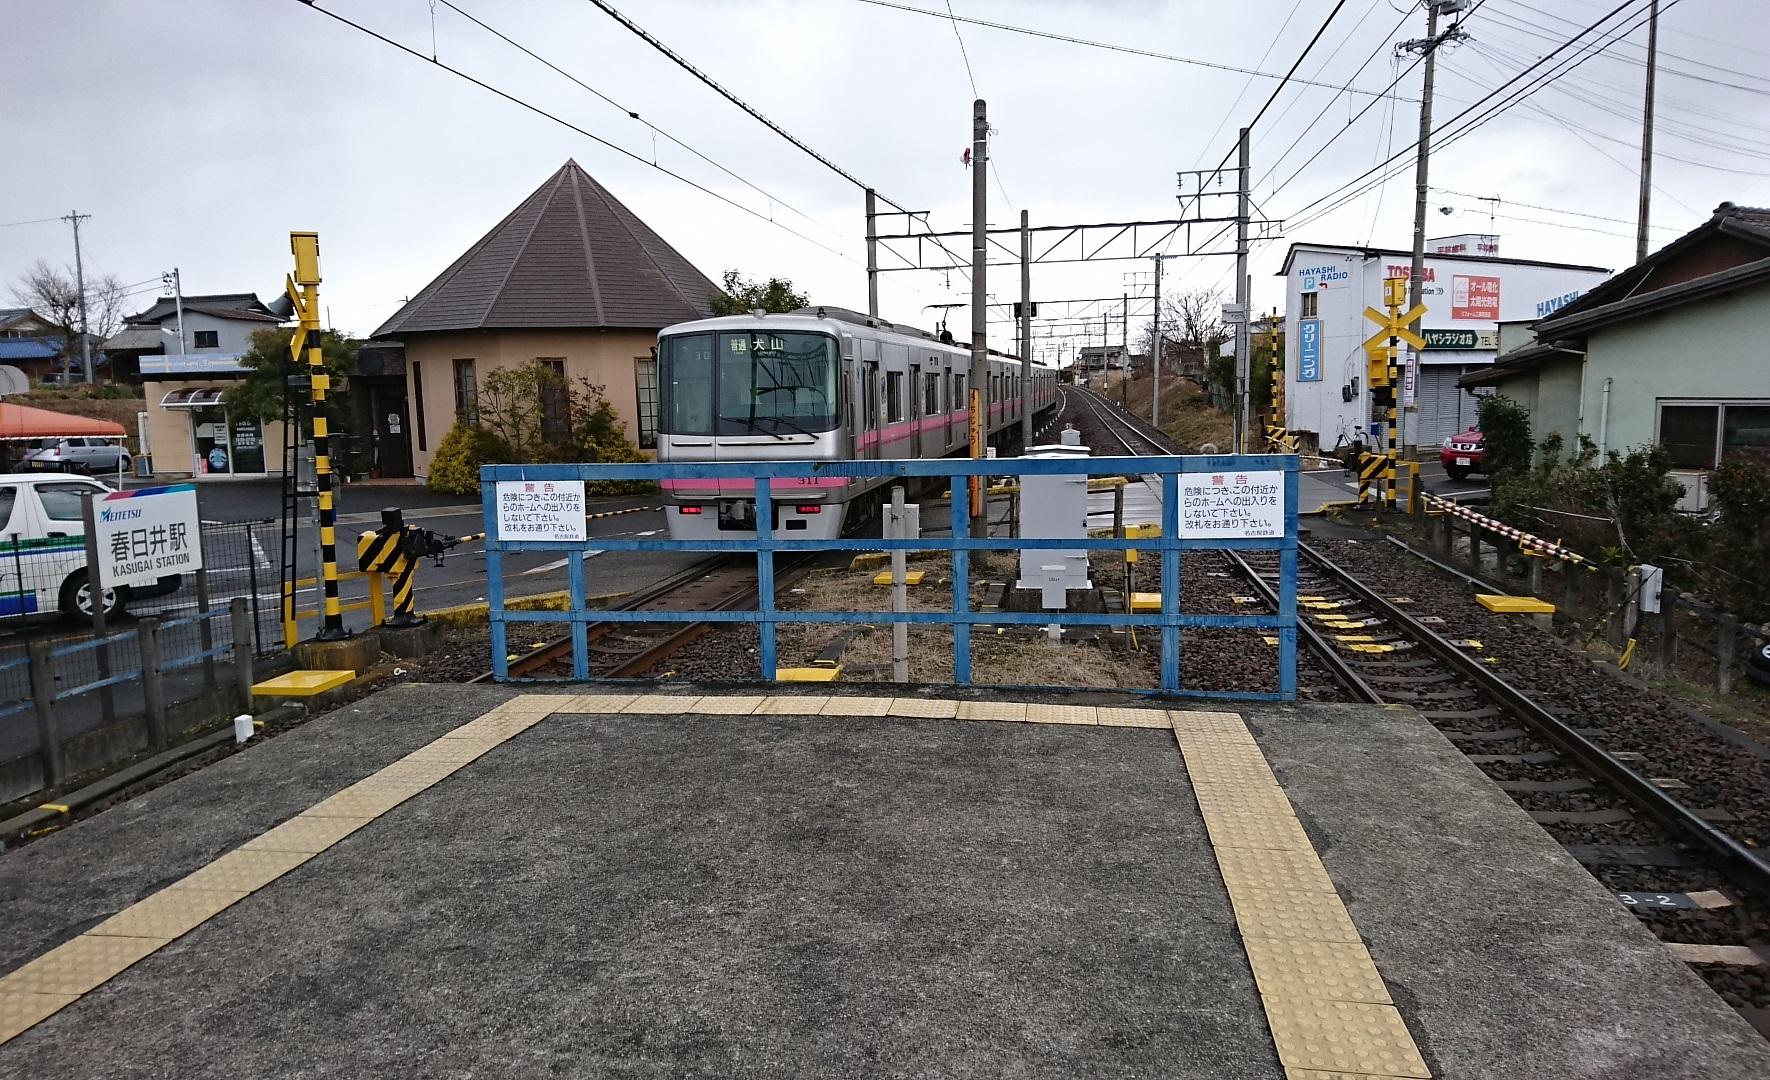 2017.1.13 名古屋から春日井まで (37) 春日井 - 犬山いきふつう 1770-1080